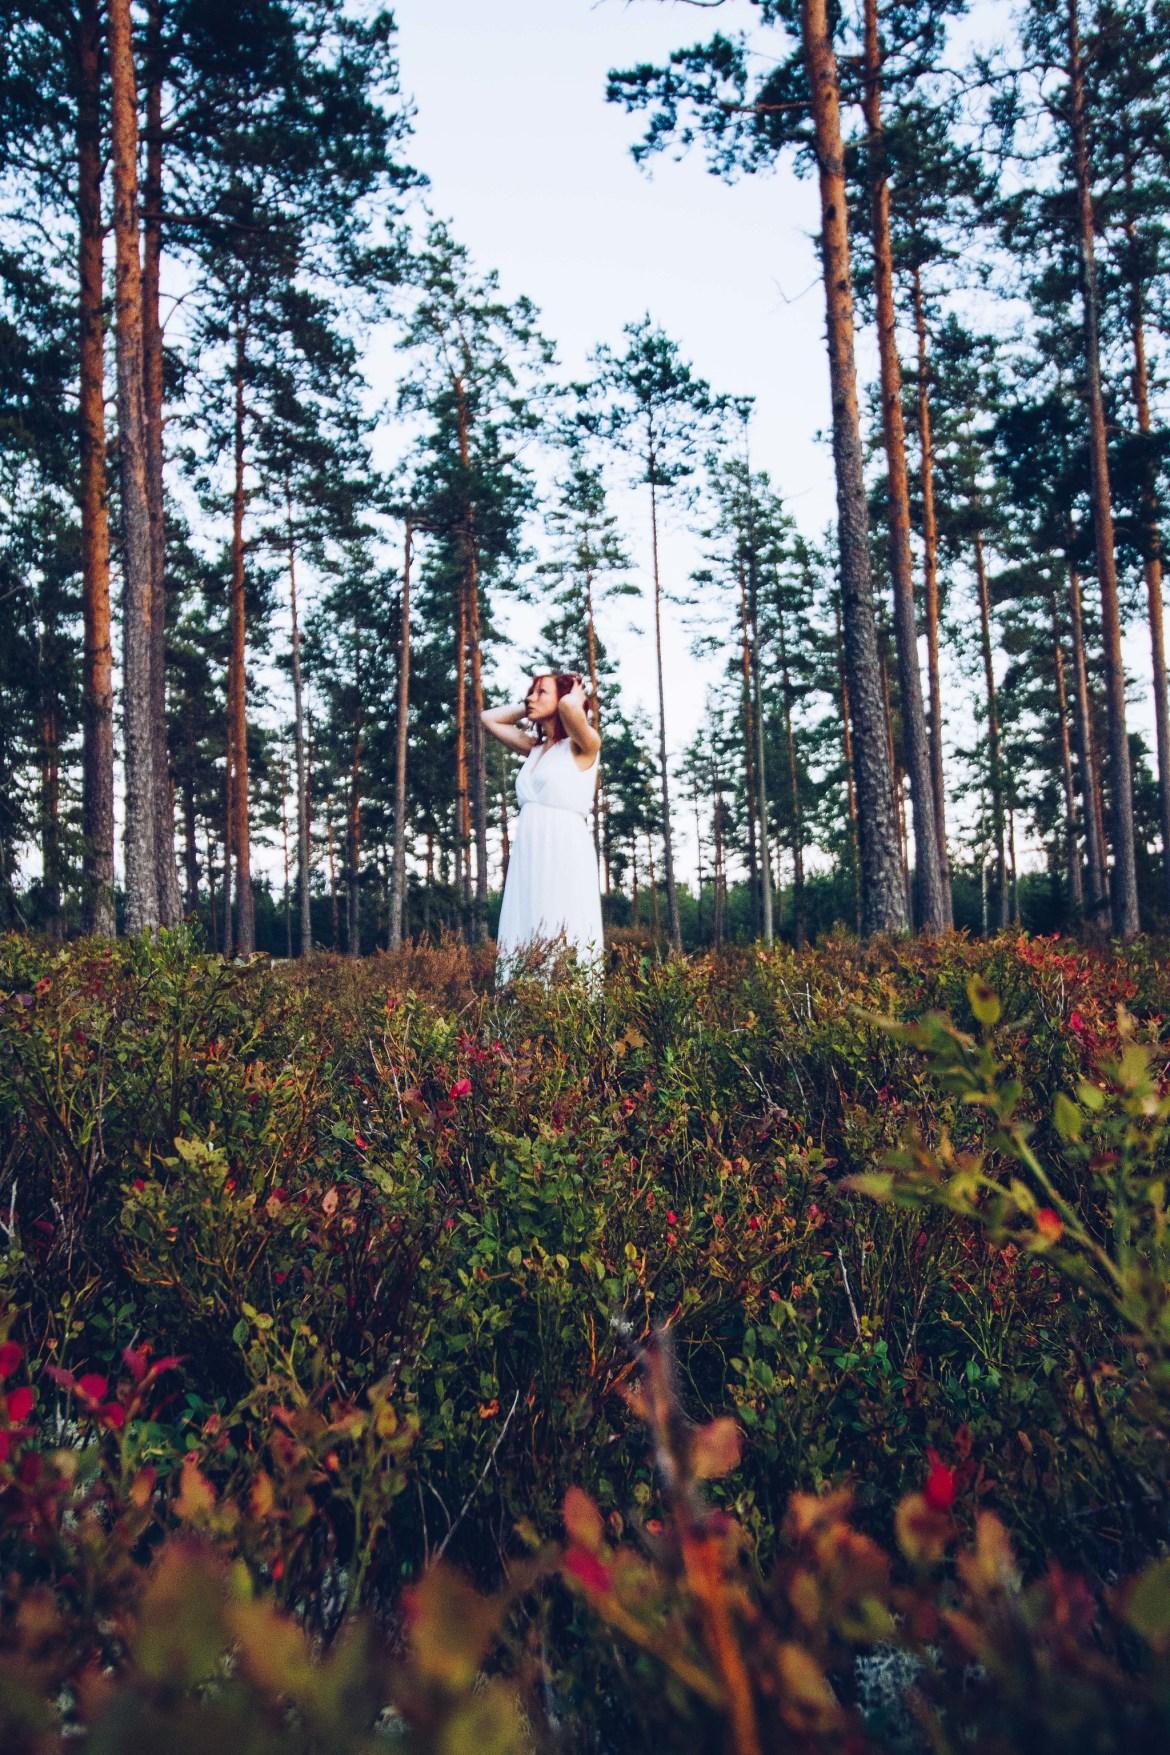 Skogsporträtt Wilda - reaktionista.se